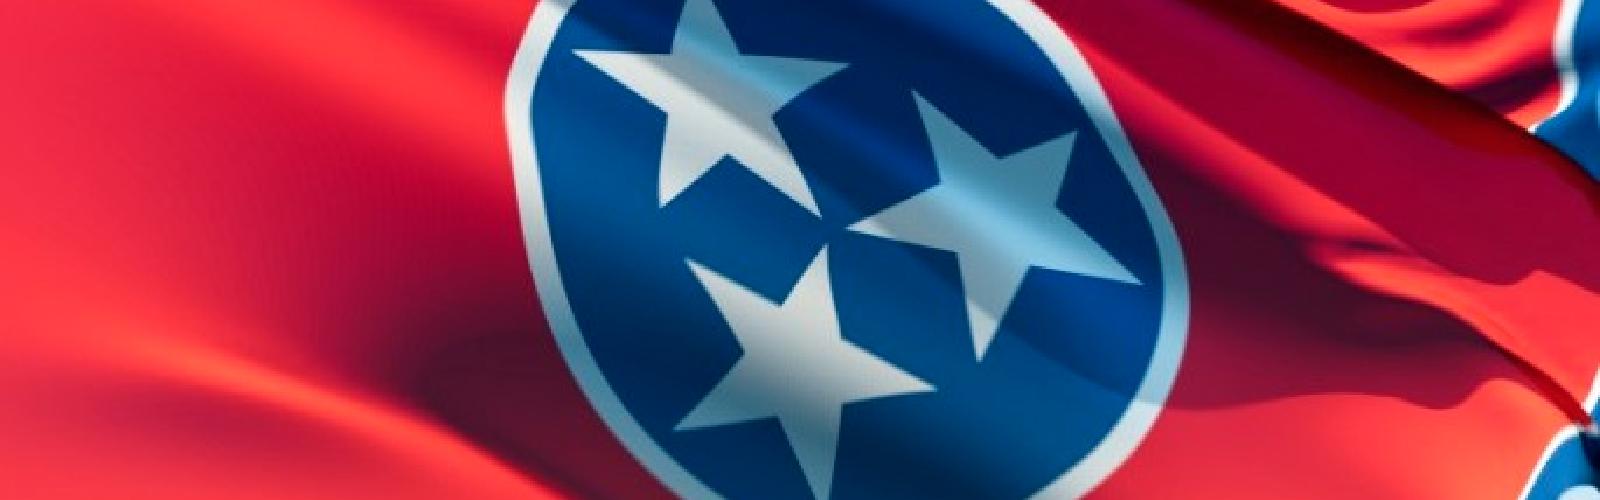 Tennessee stands at a political crossroads: Vanderbilt Poll